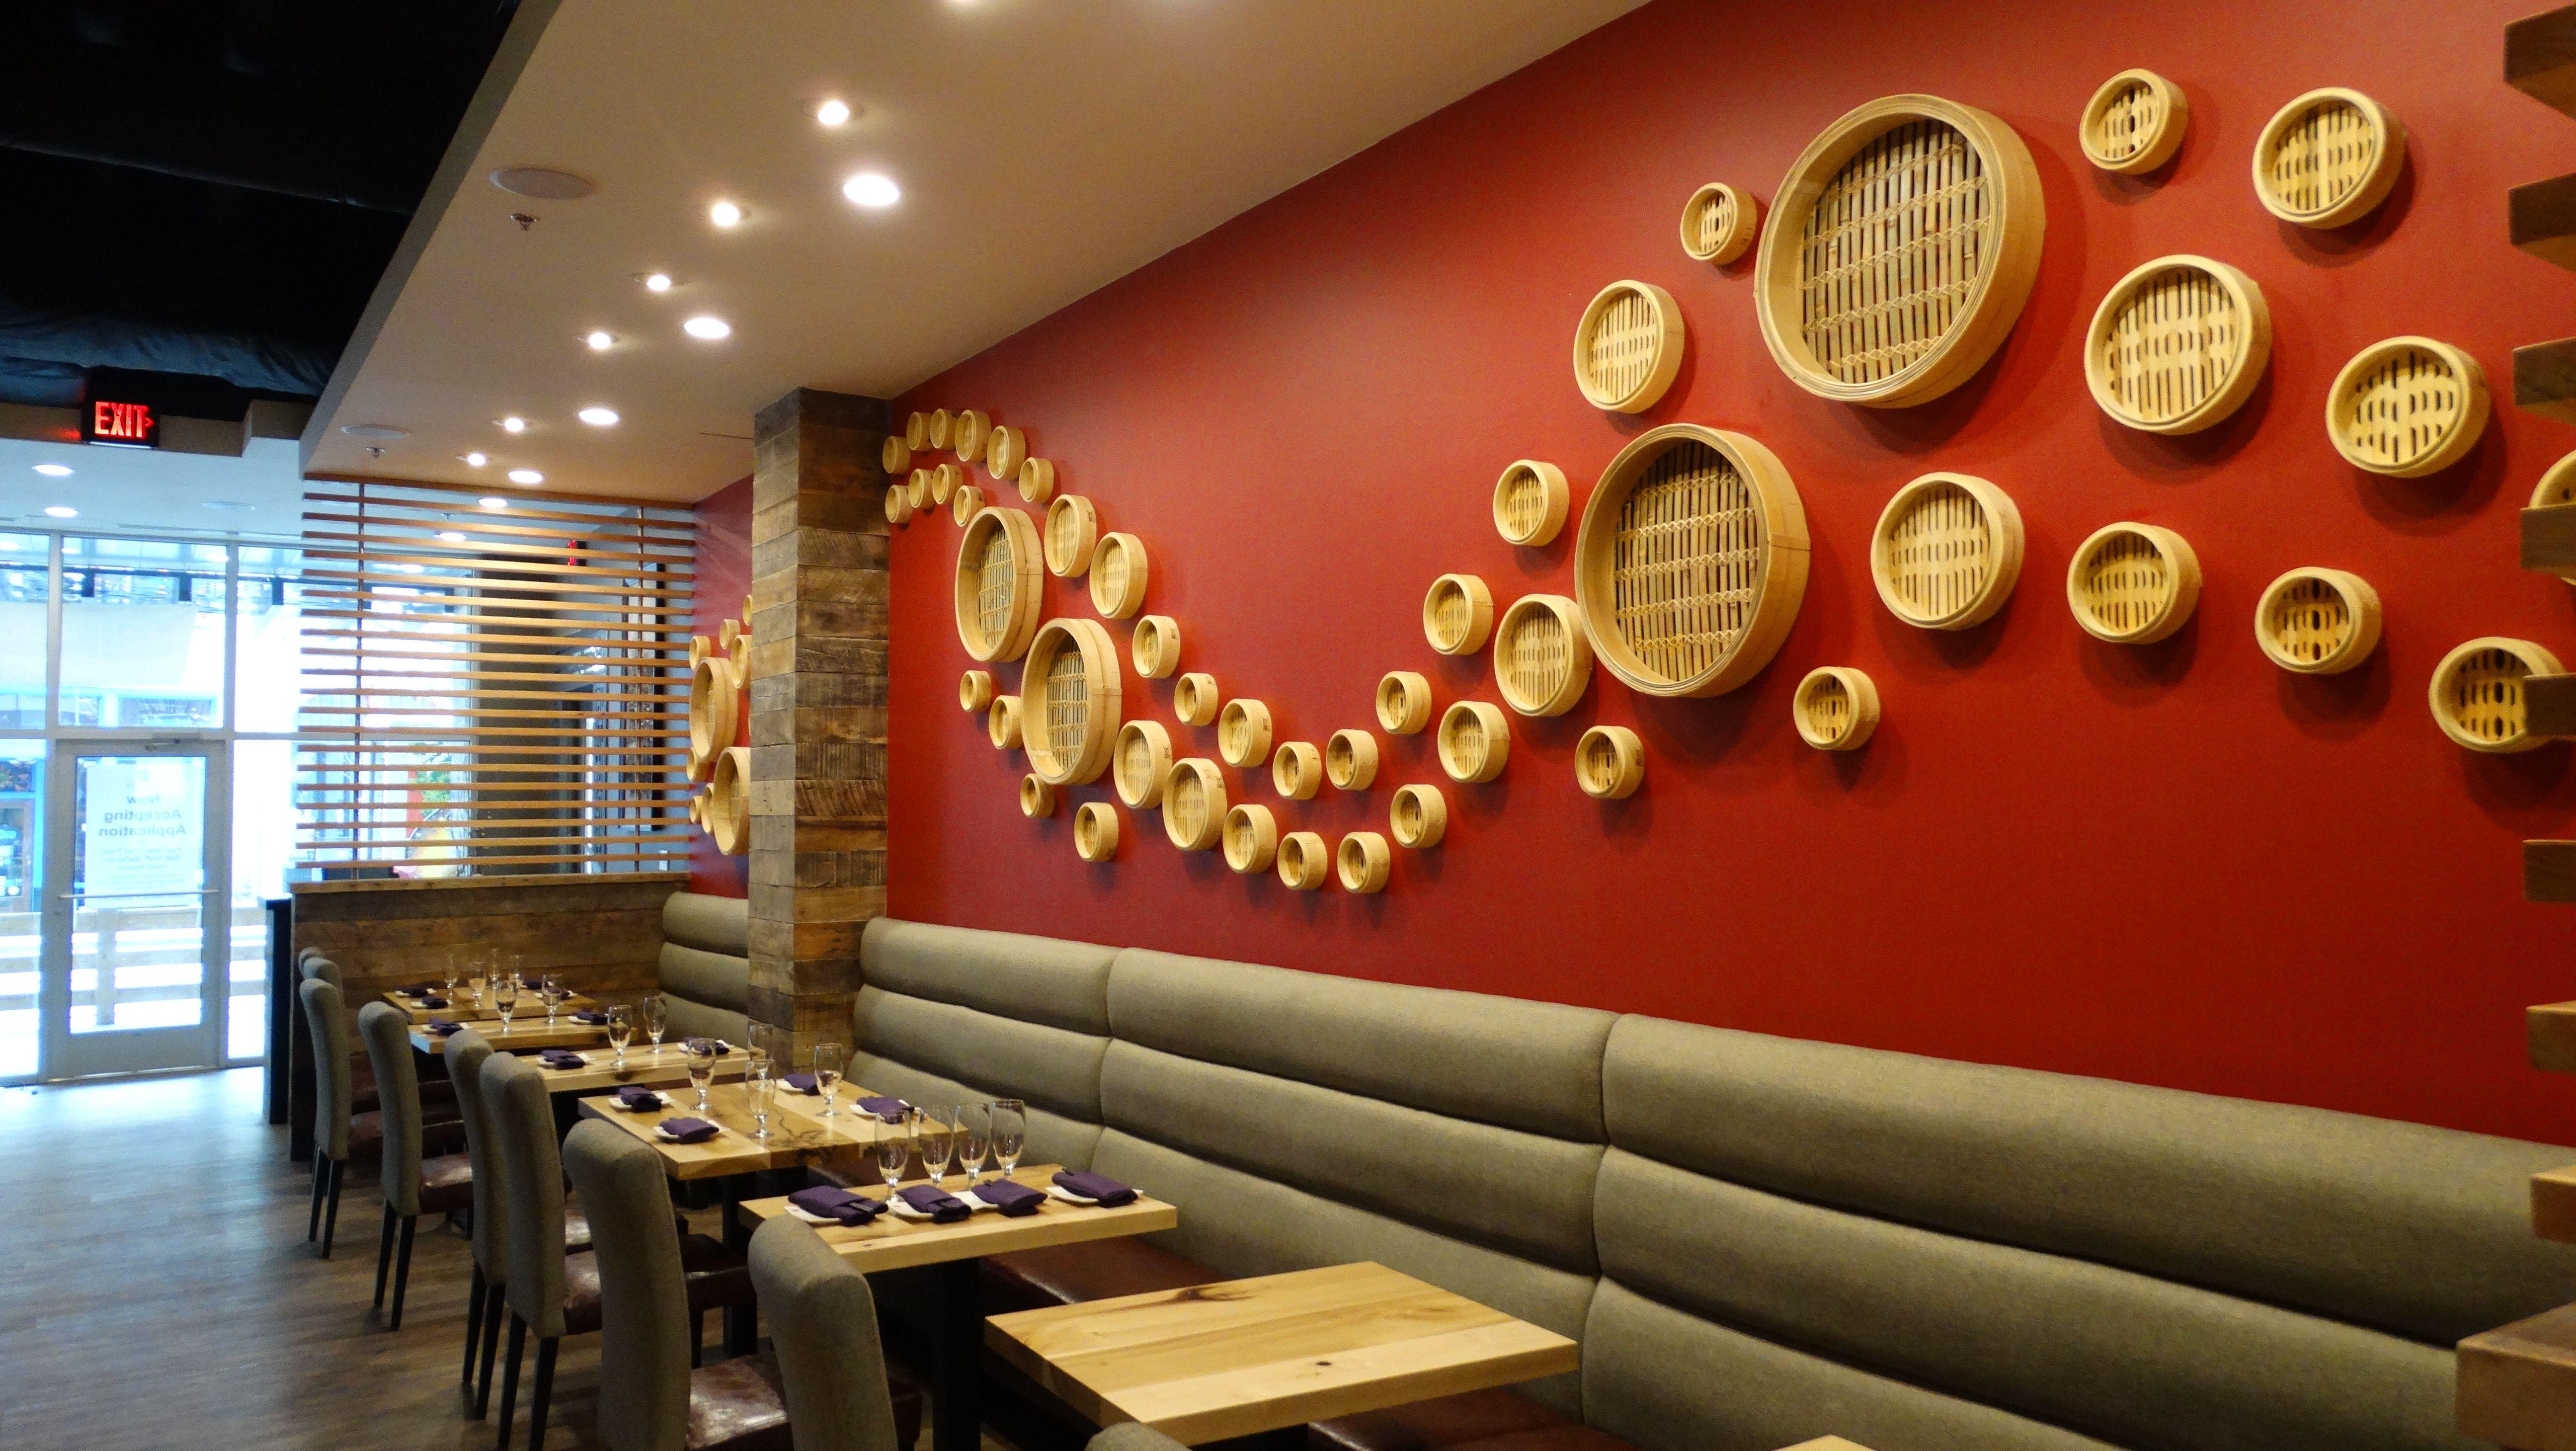 Bamboo Steamer Wall Art - Google Treatment